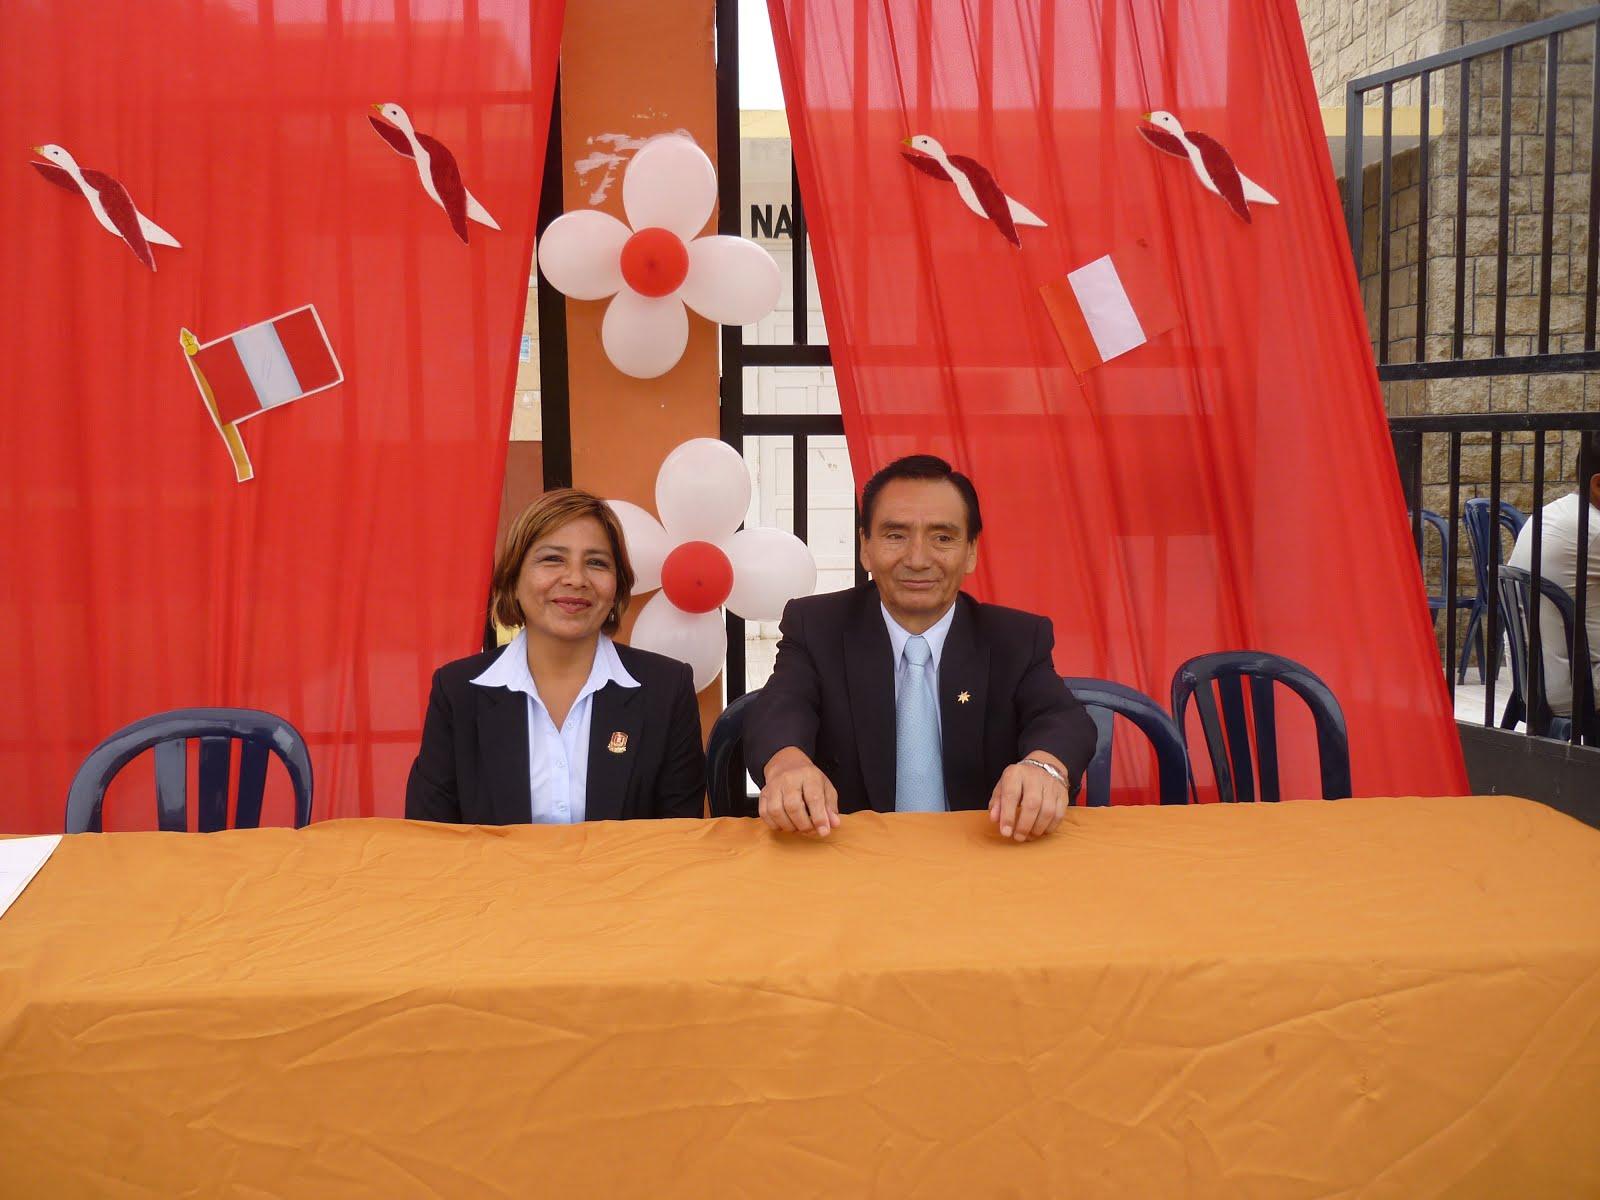 Plana Directiva 2015  Dr. José Cueva Quiroz y Mg Doris Salvatierra Díaz.